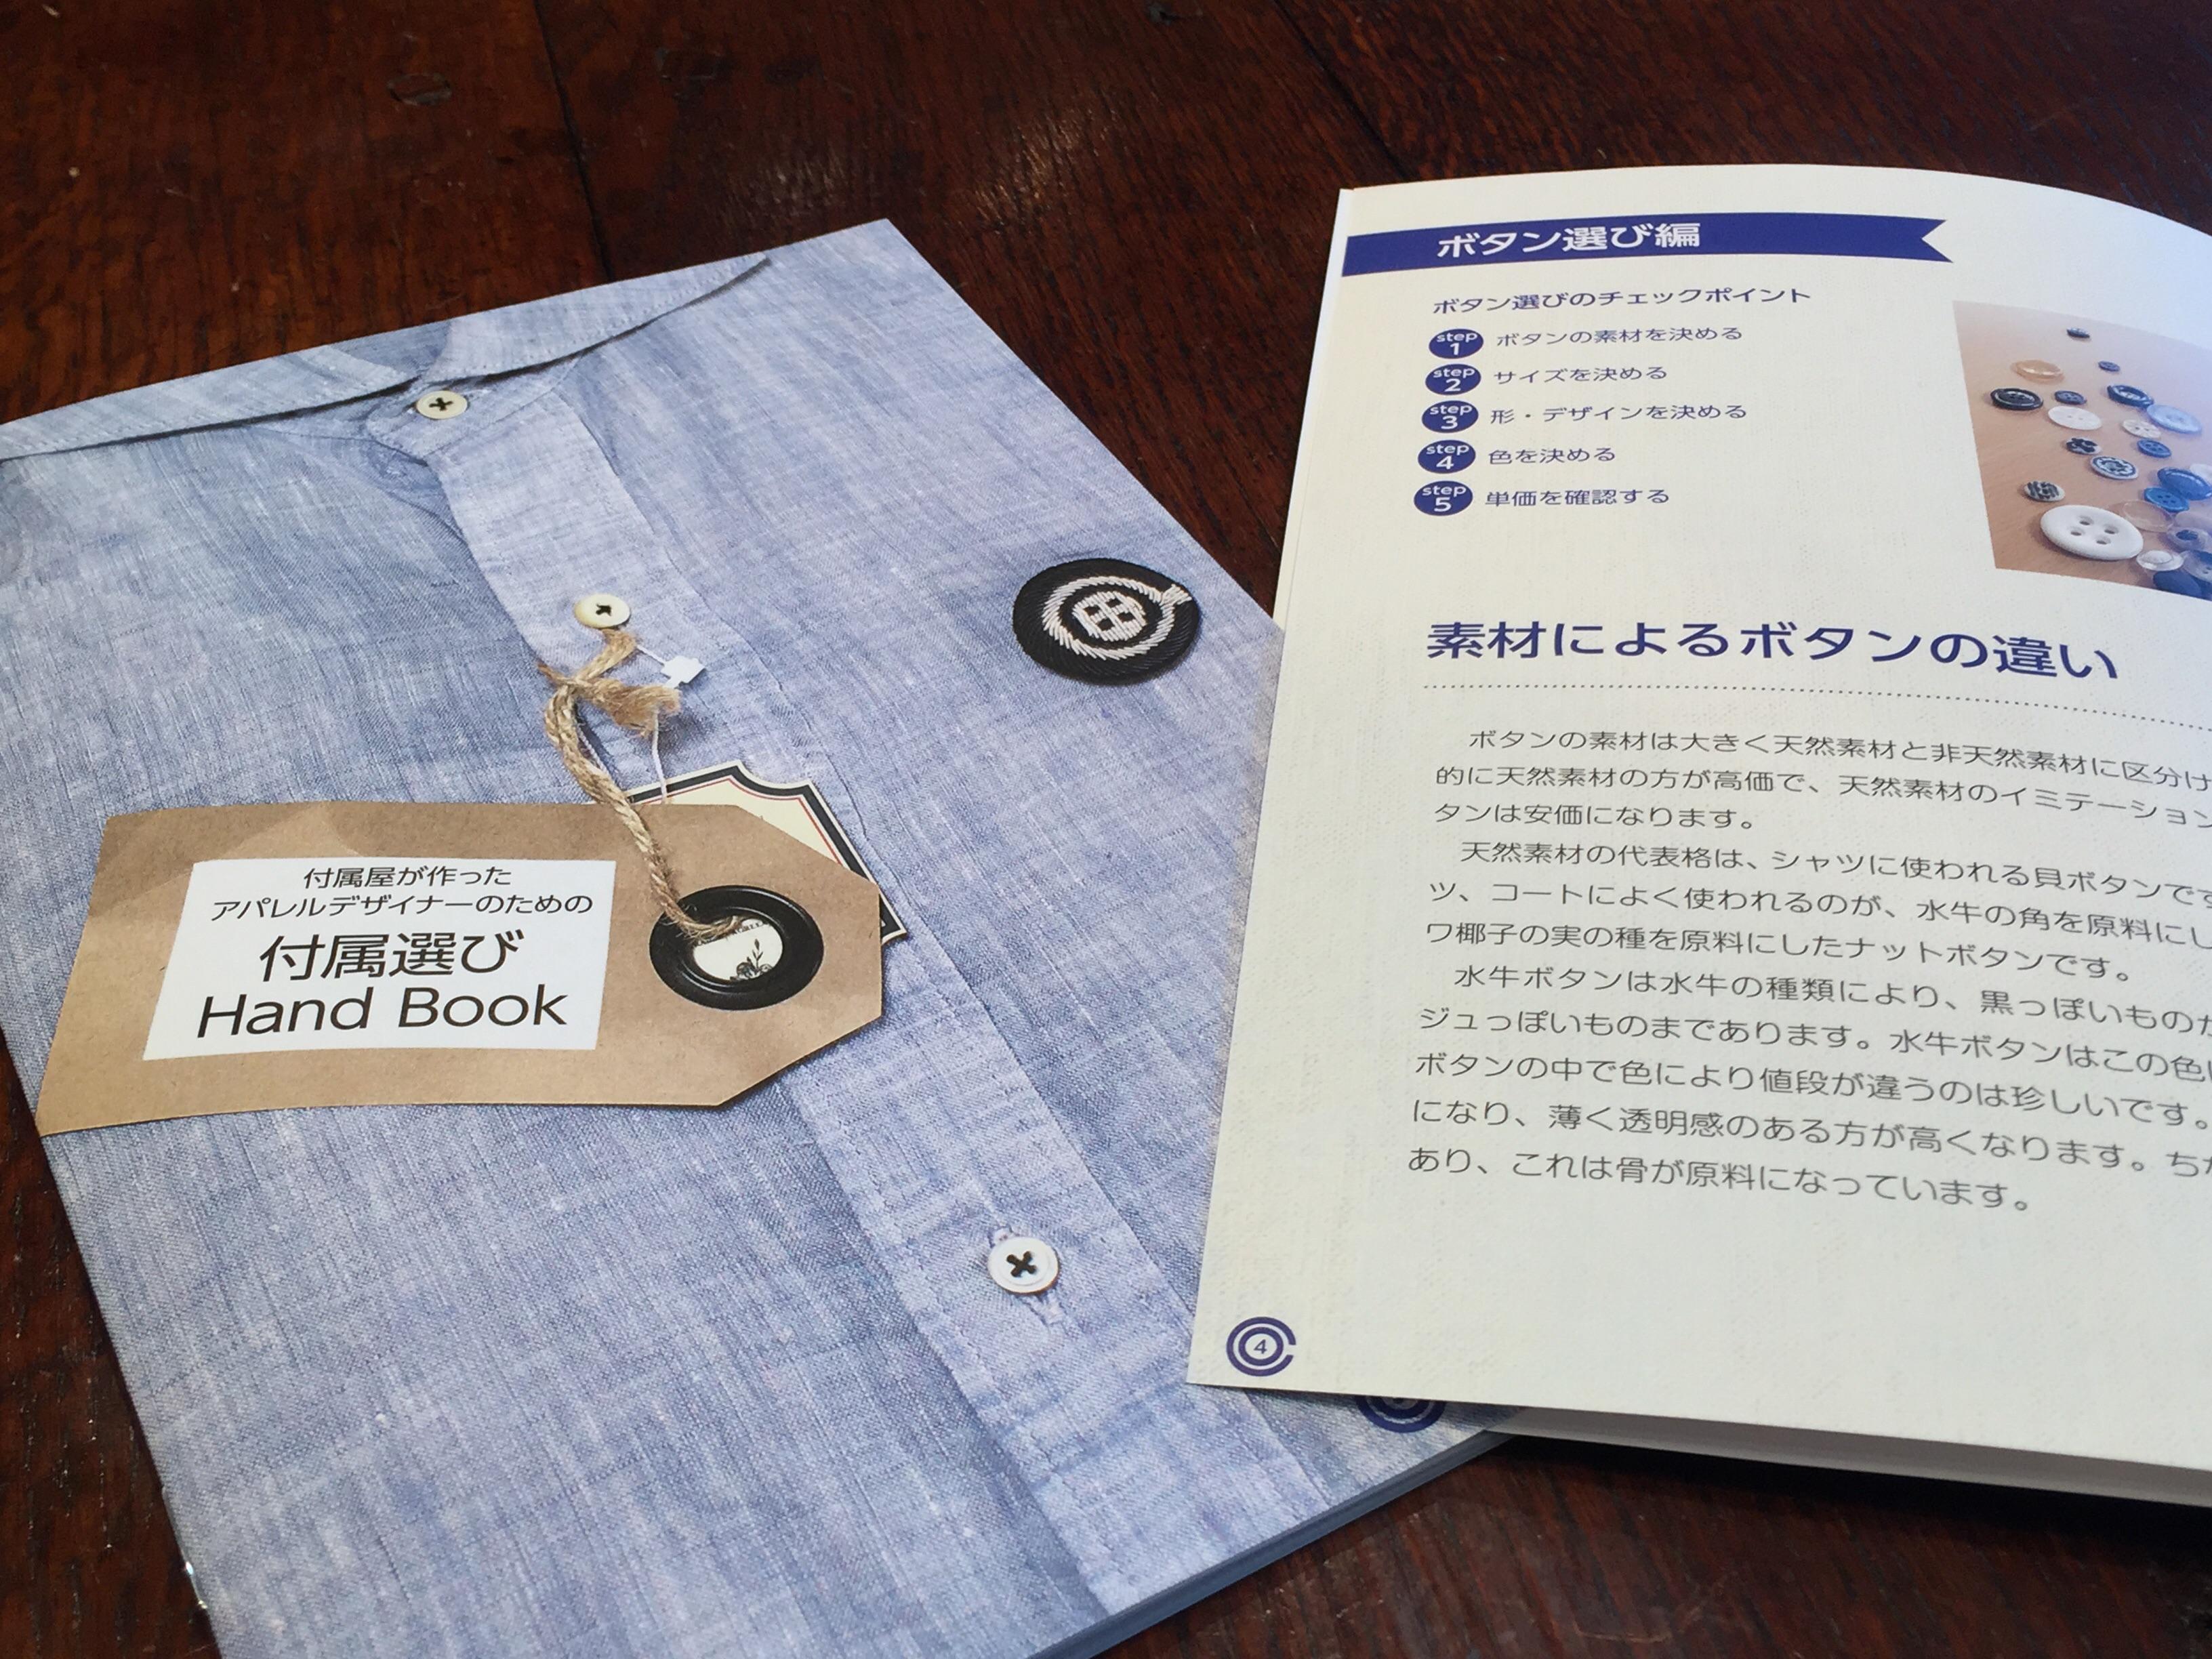 ニットに欠かせない付属を、わかりやすく説明している付属屋さんのHand Book